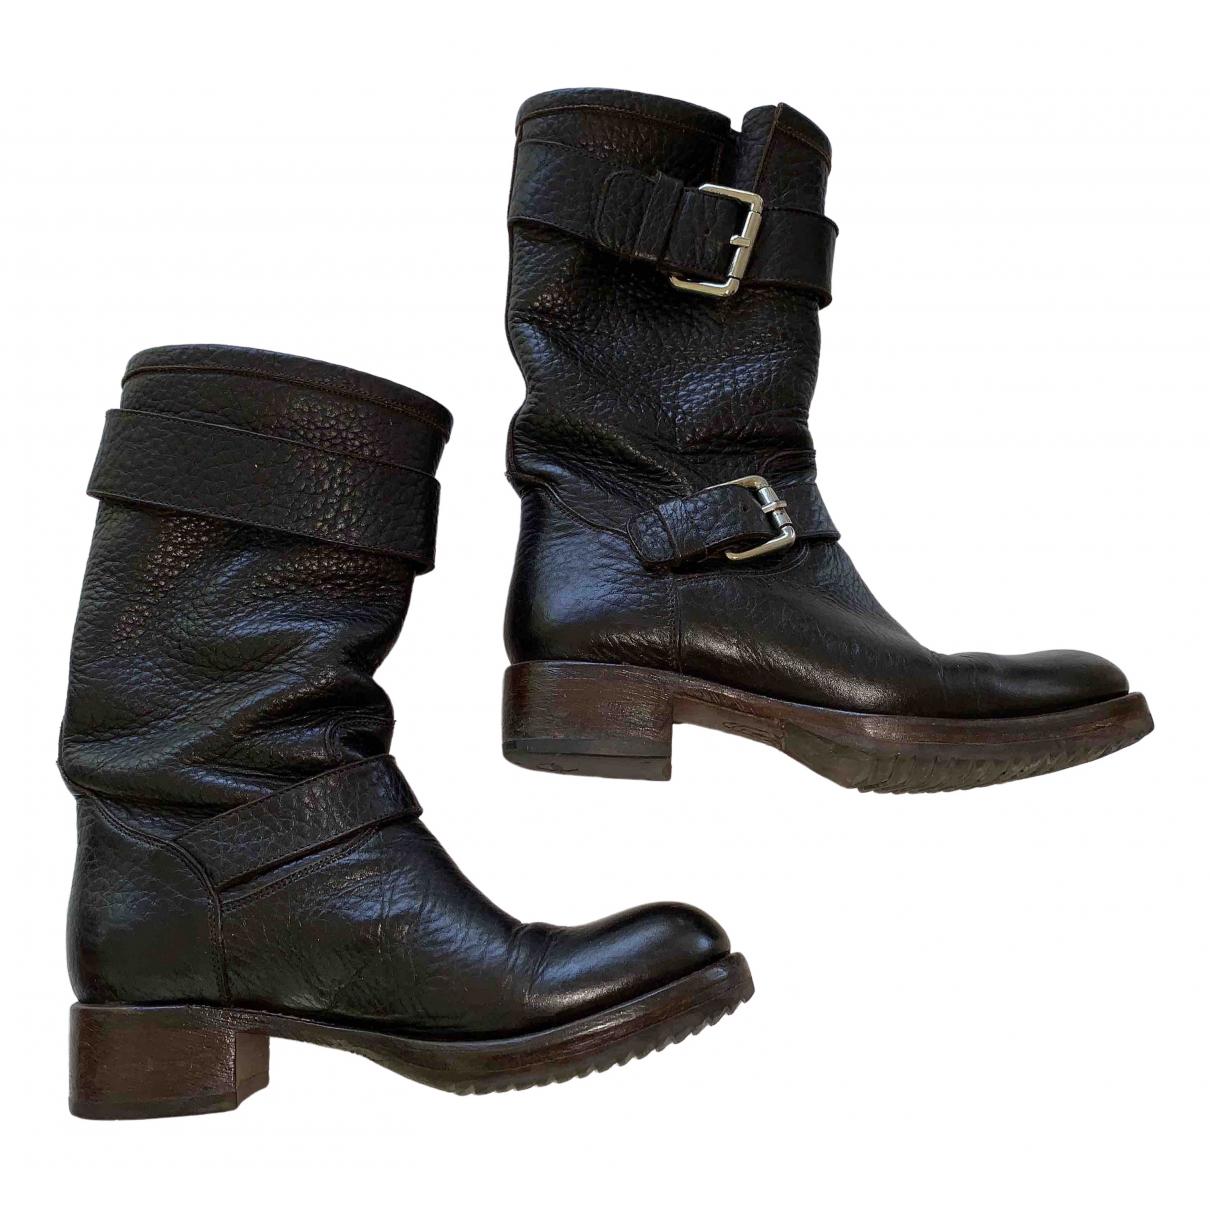 Free Lance - Boots Geronimo pour femme en cuir - marron